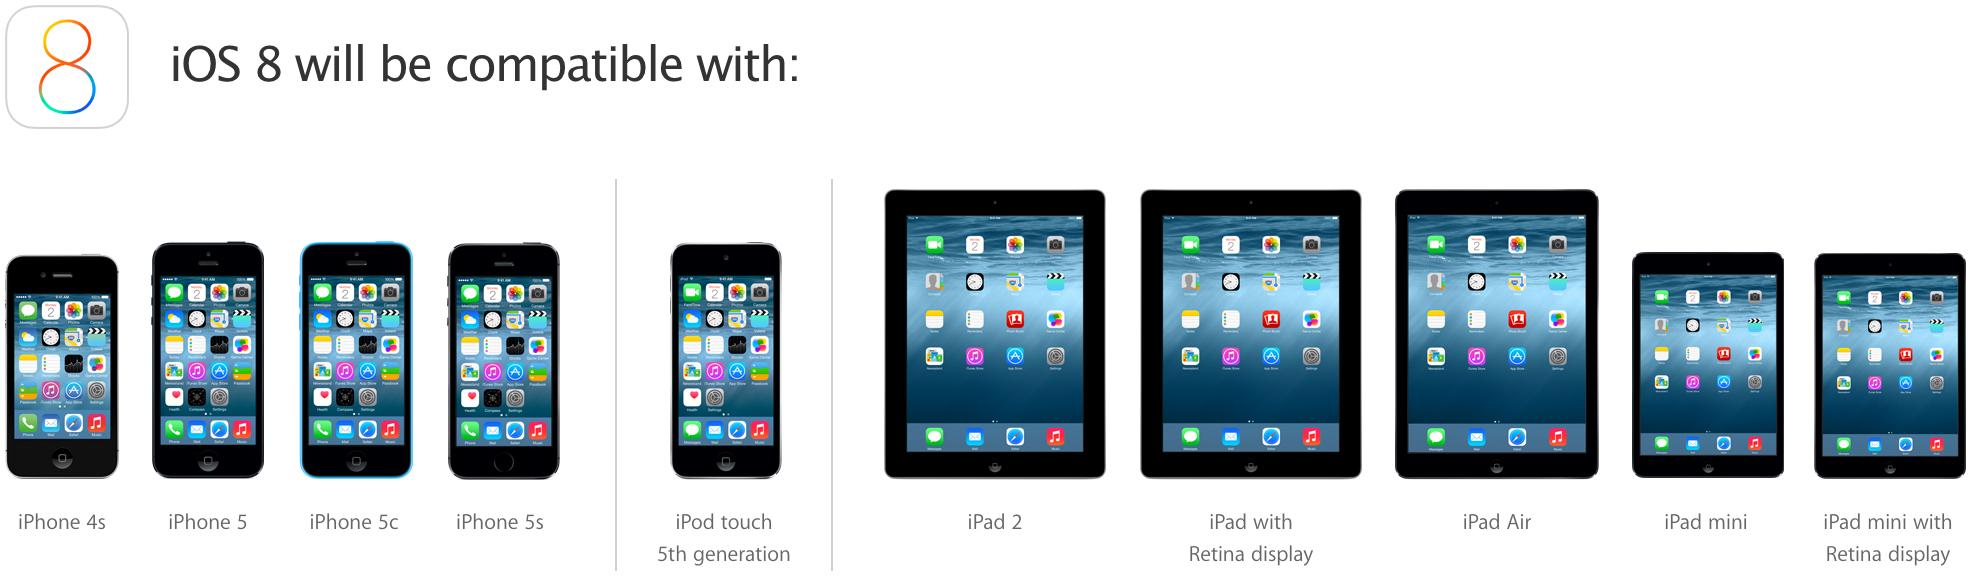 Compatibilidade do iOS 8 com iGadgets